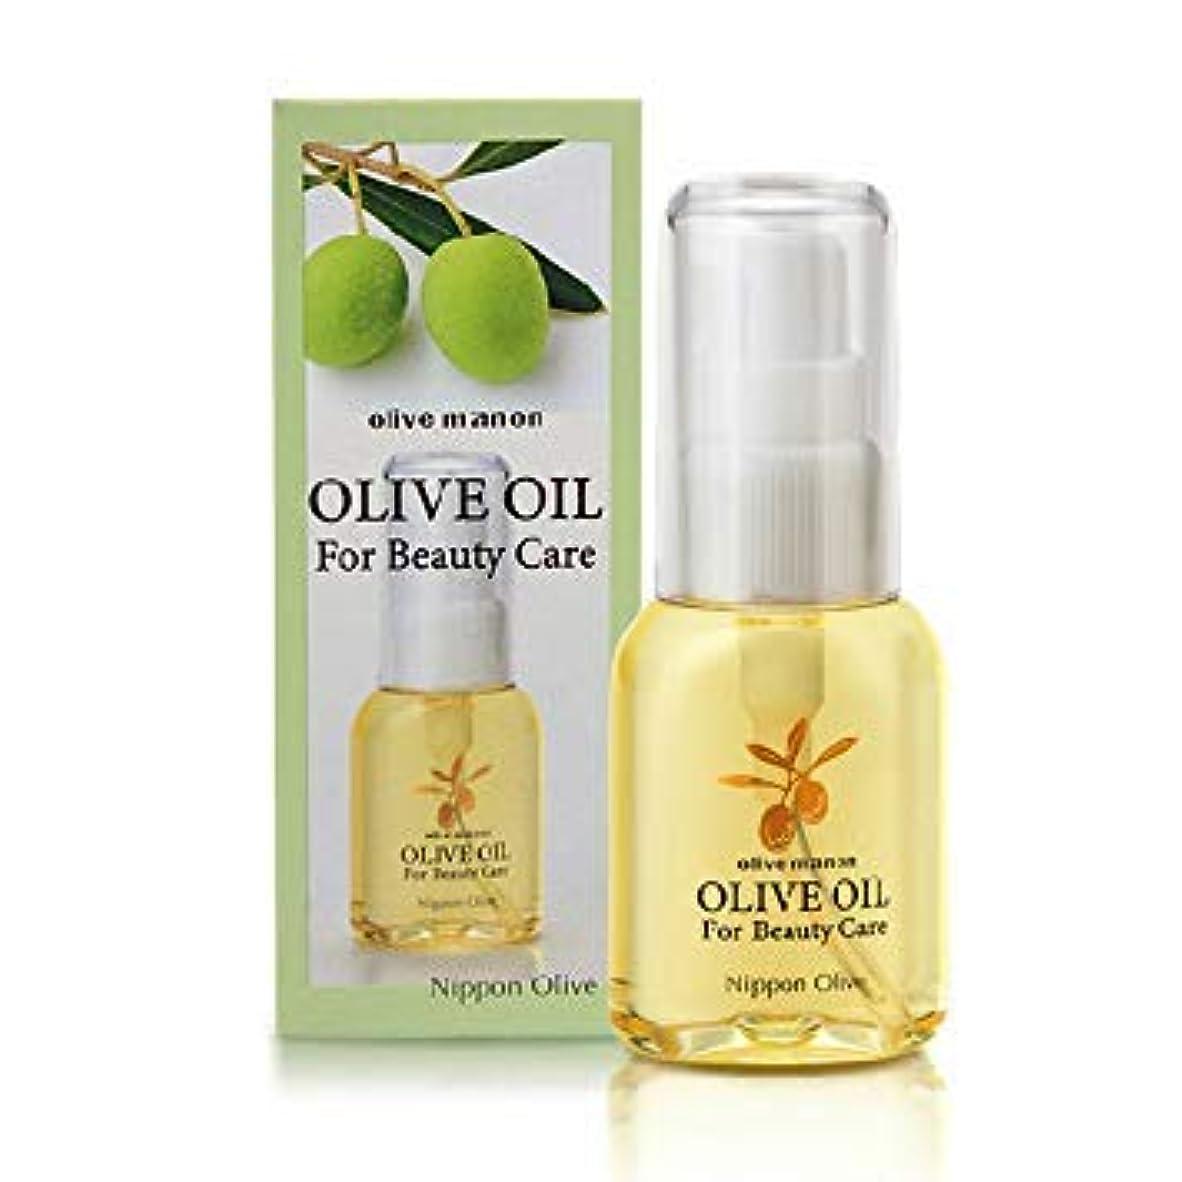 日本オリーブ オリーブマノン 化粧用オリーブオイル 30ml 2個セット